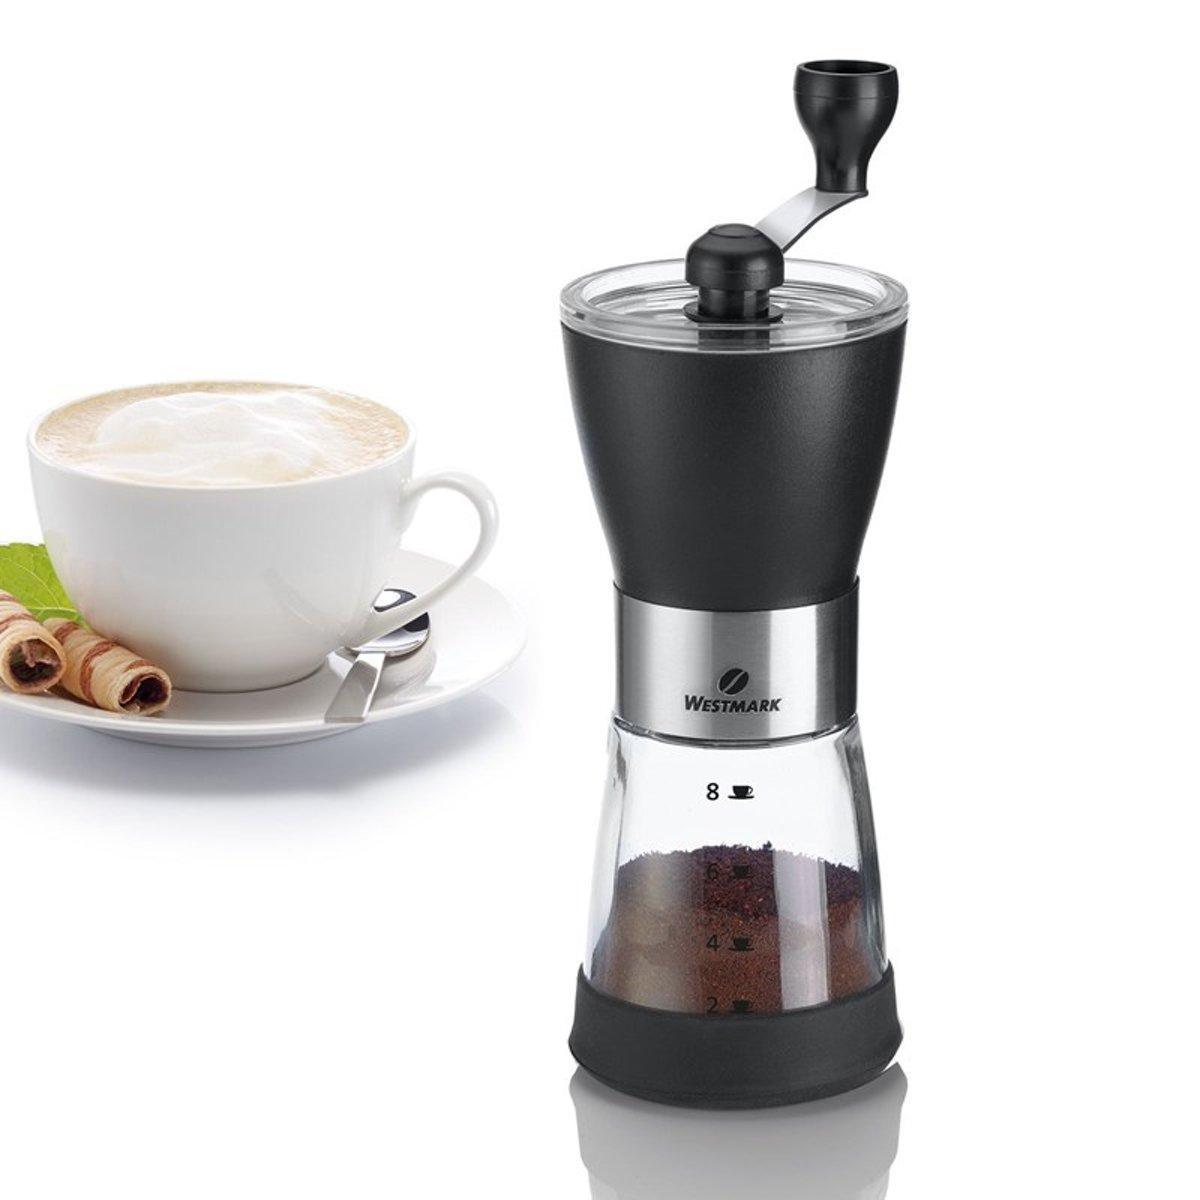 Westmark Koffiemolen Brasilia Negro kopen